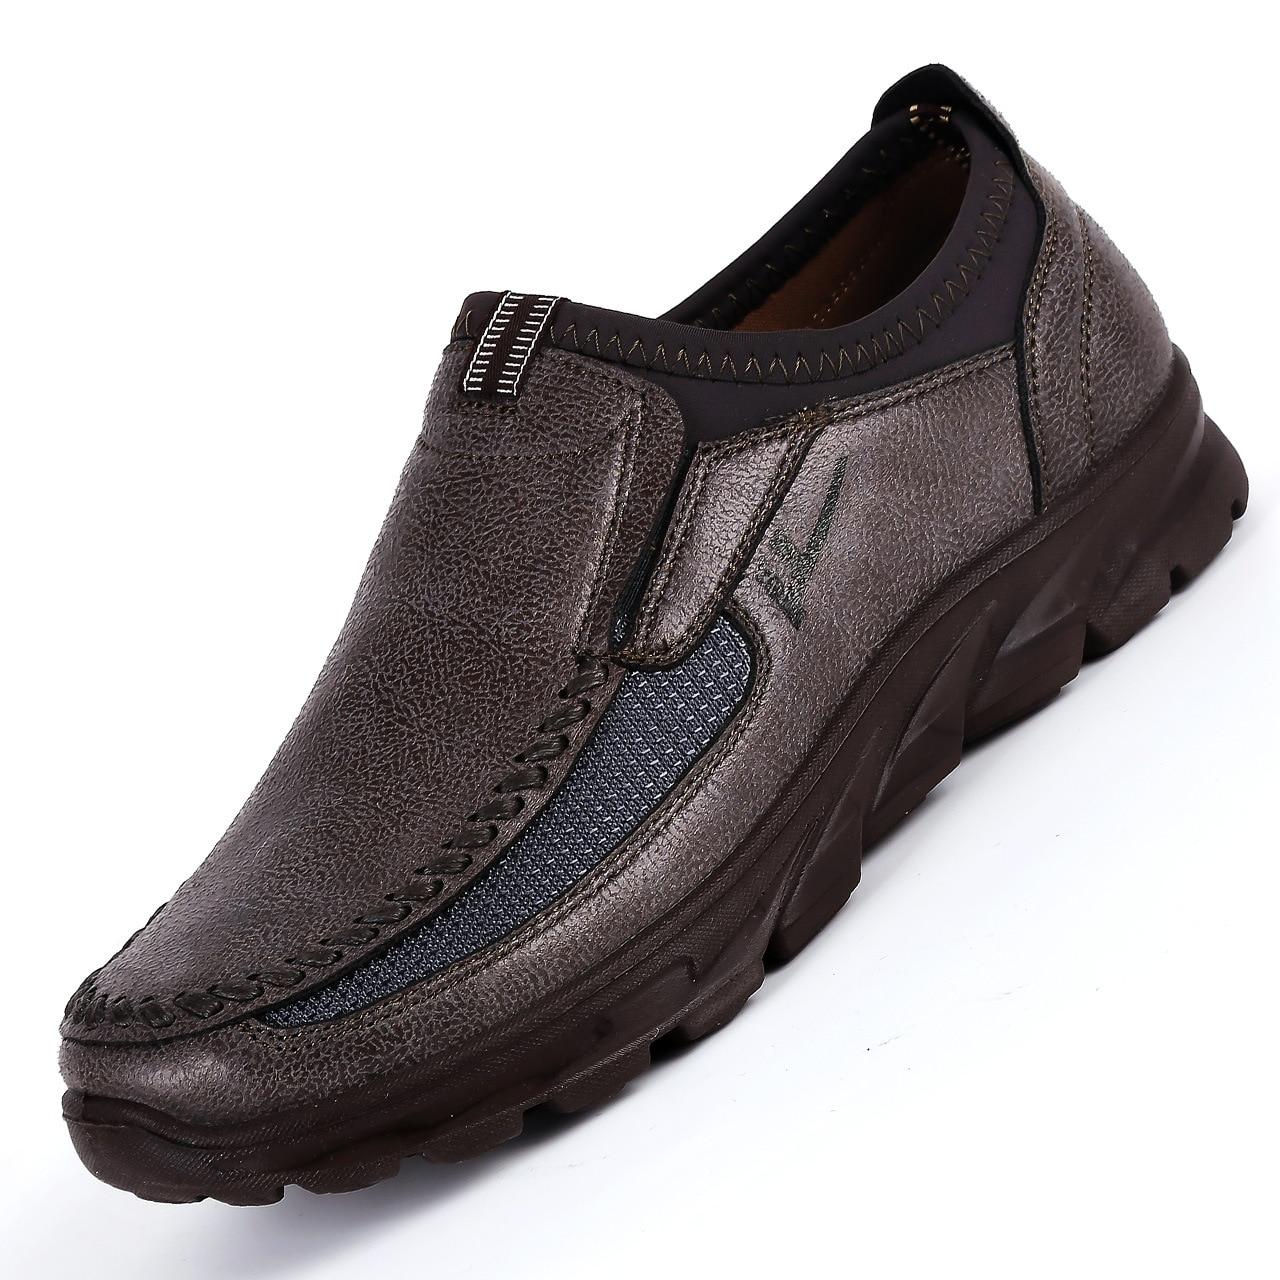 19 marque de luxe hommes chaussures décontractées léger respirant baskets mâle chaussures de marche mode maille Zapatillas chaussures grand Szie 48